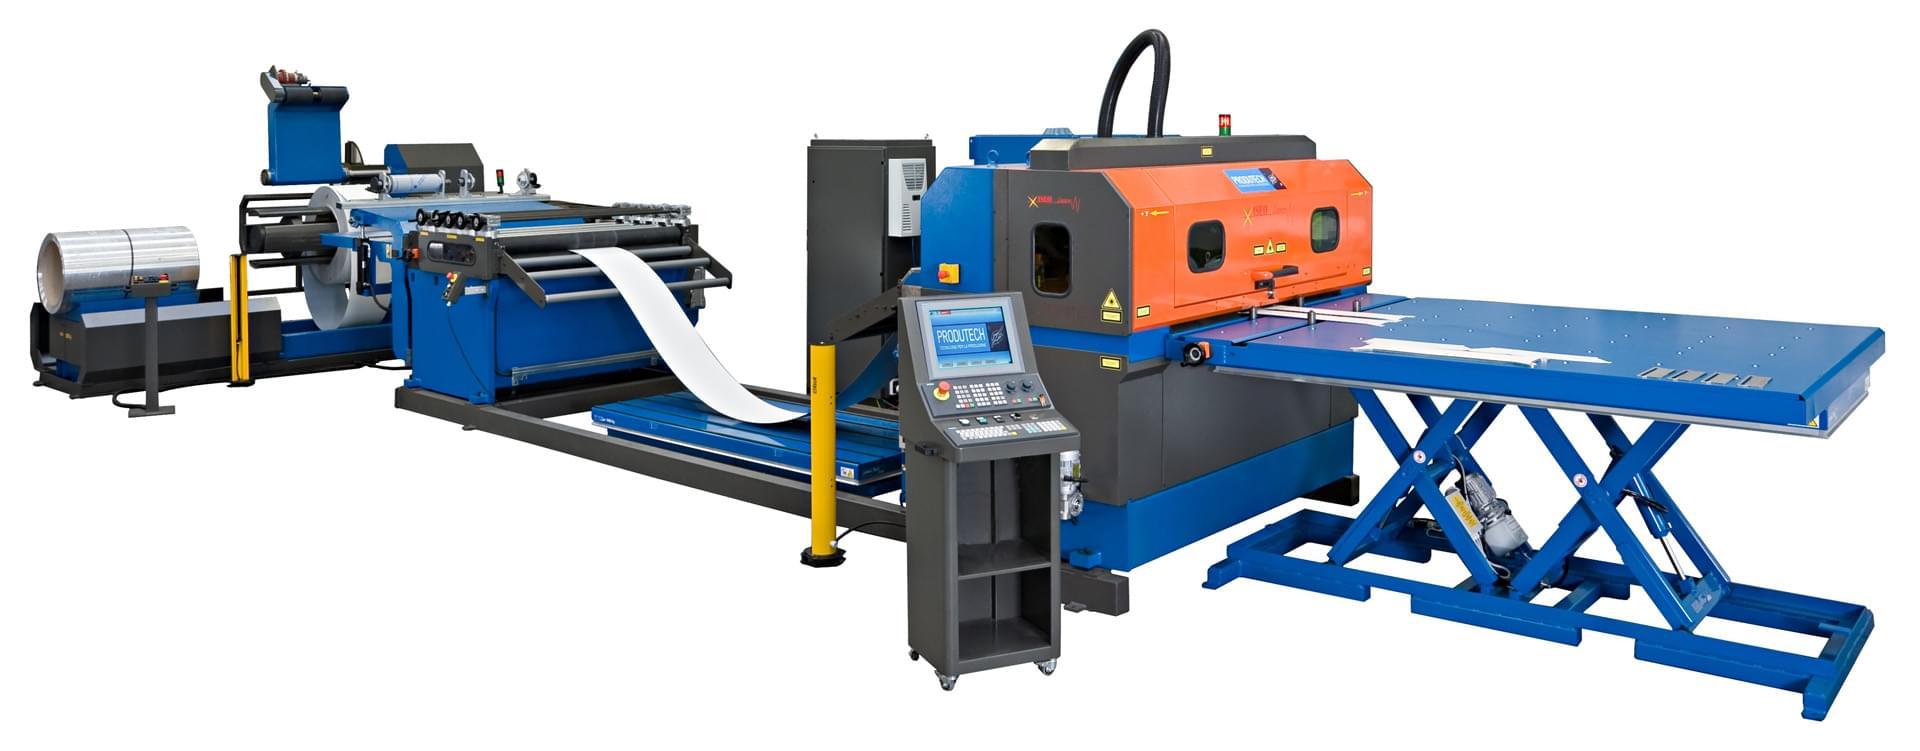 taglio laser da coil ISEO A1 Produtech